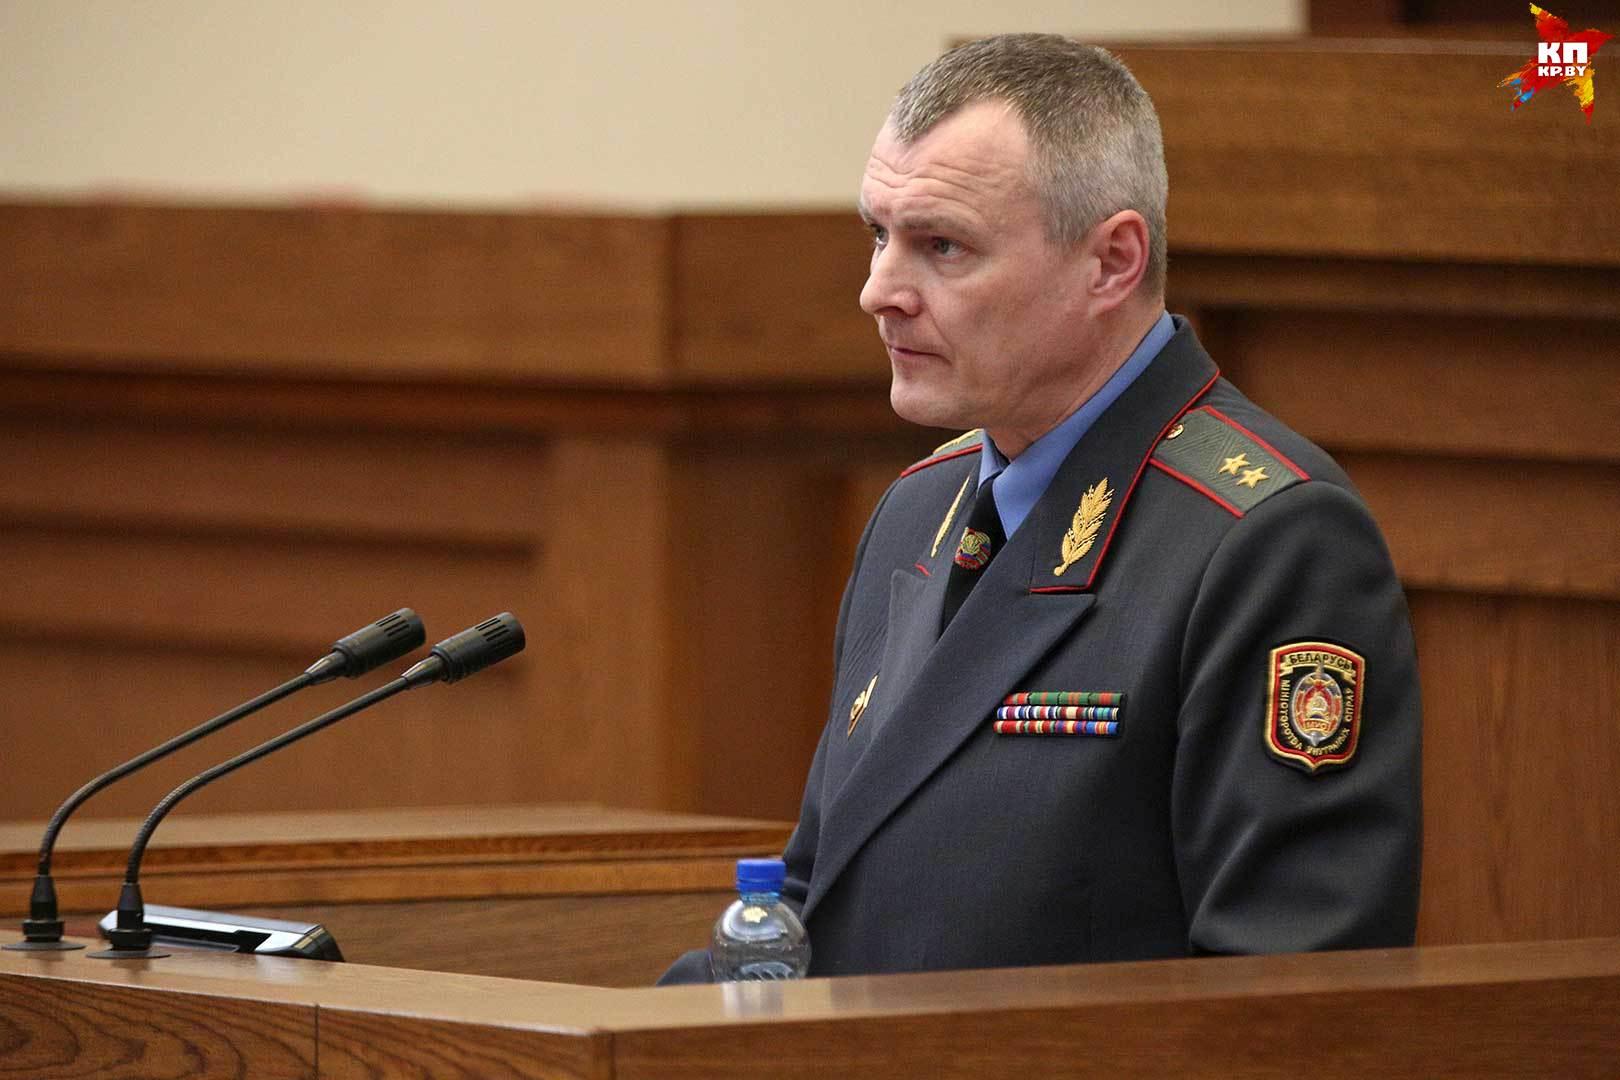 Руководитель МВД Белоруссии: Пройду полиграф, если работодатель посчитает нужным